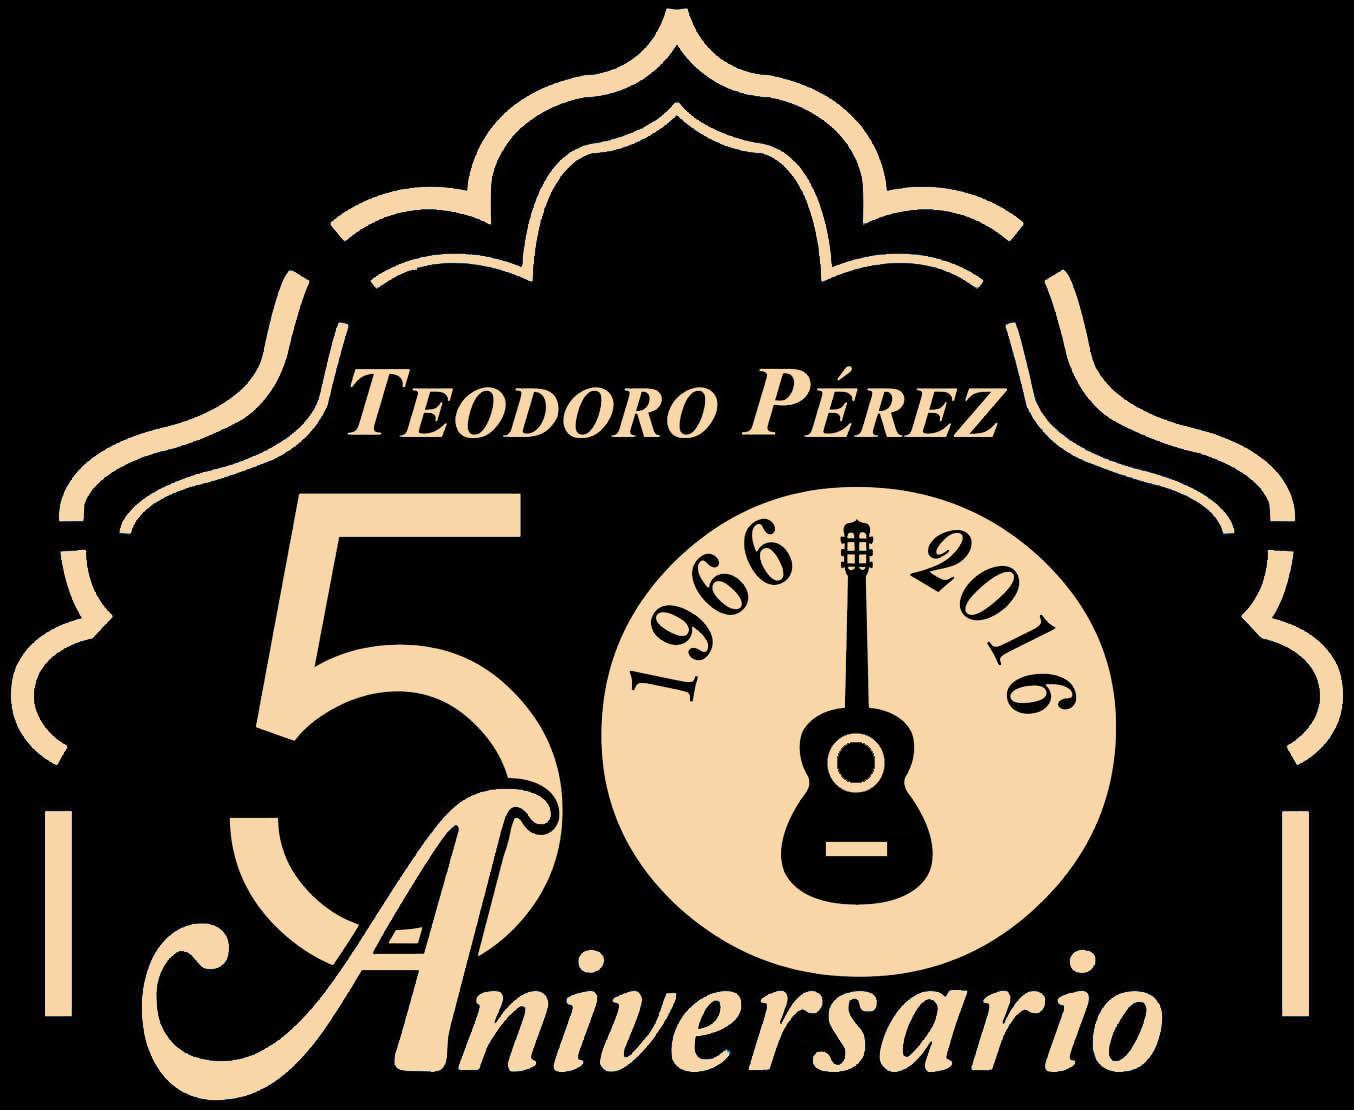 Design Creation Le Puy En Velay stories of european talents - teodoro pérez